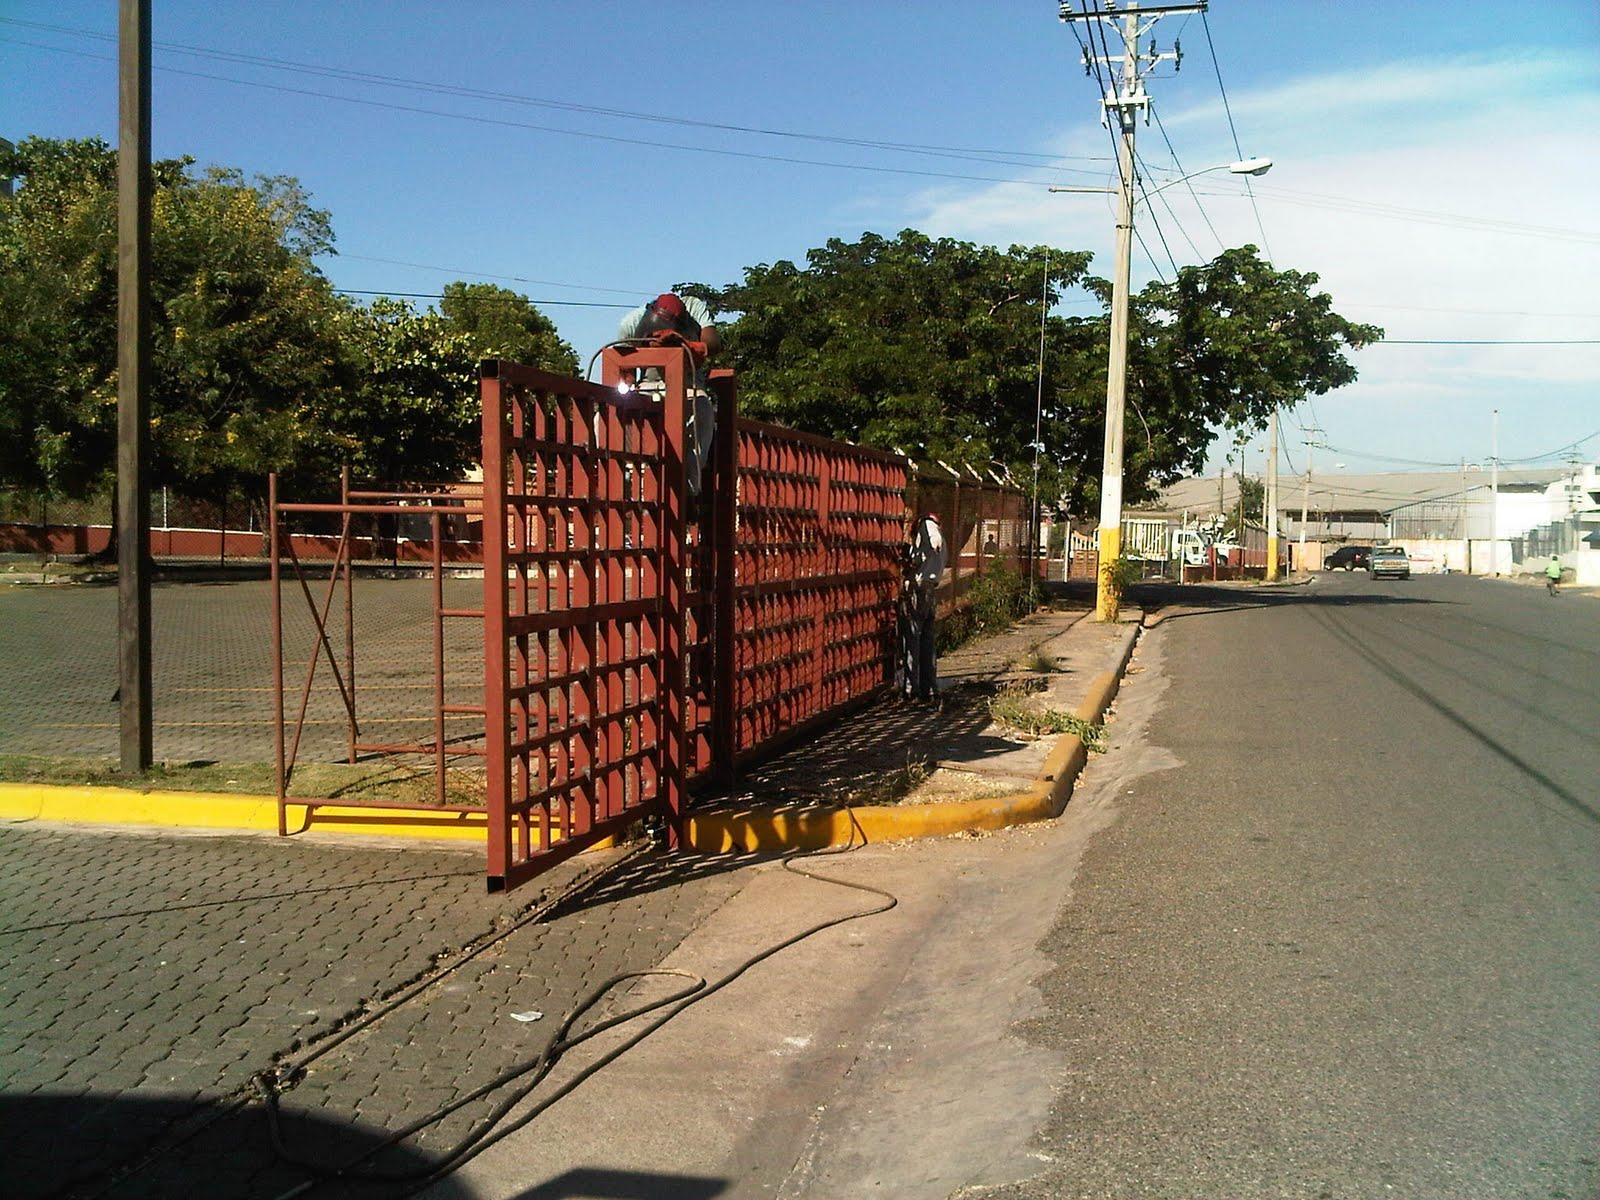 Portones met licos puertas de asceso estructuras metalicas naves industriales escaleras - Puertas para naves industriales ...